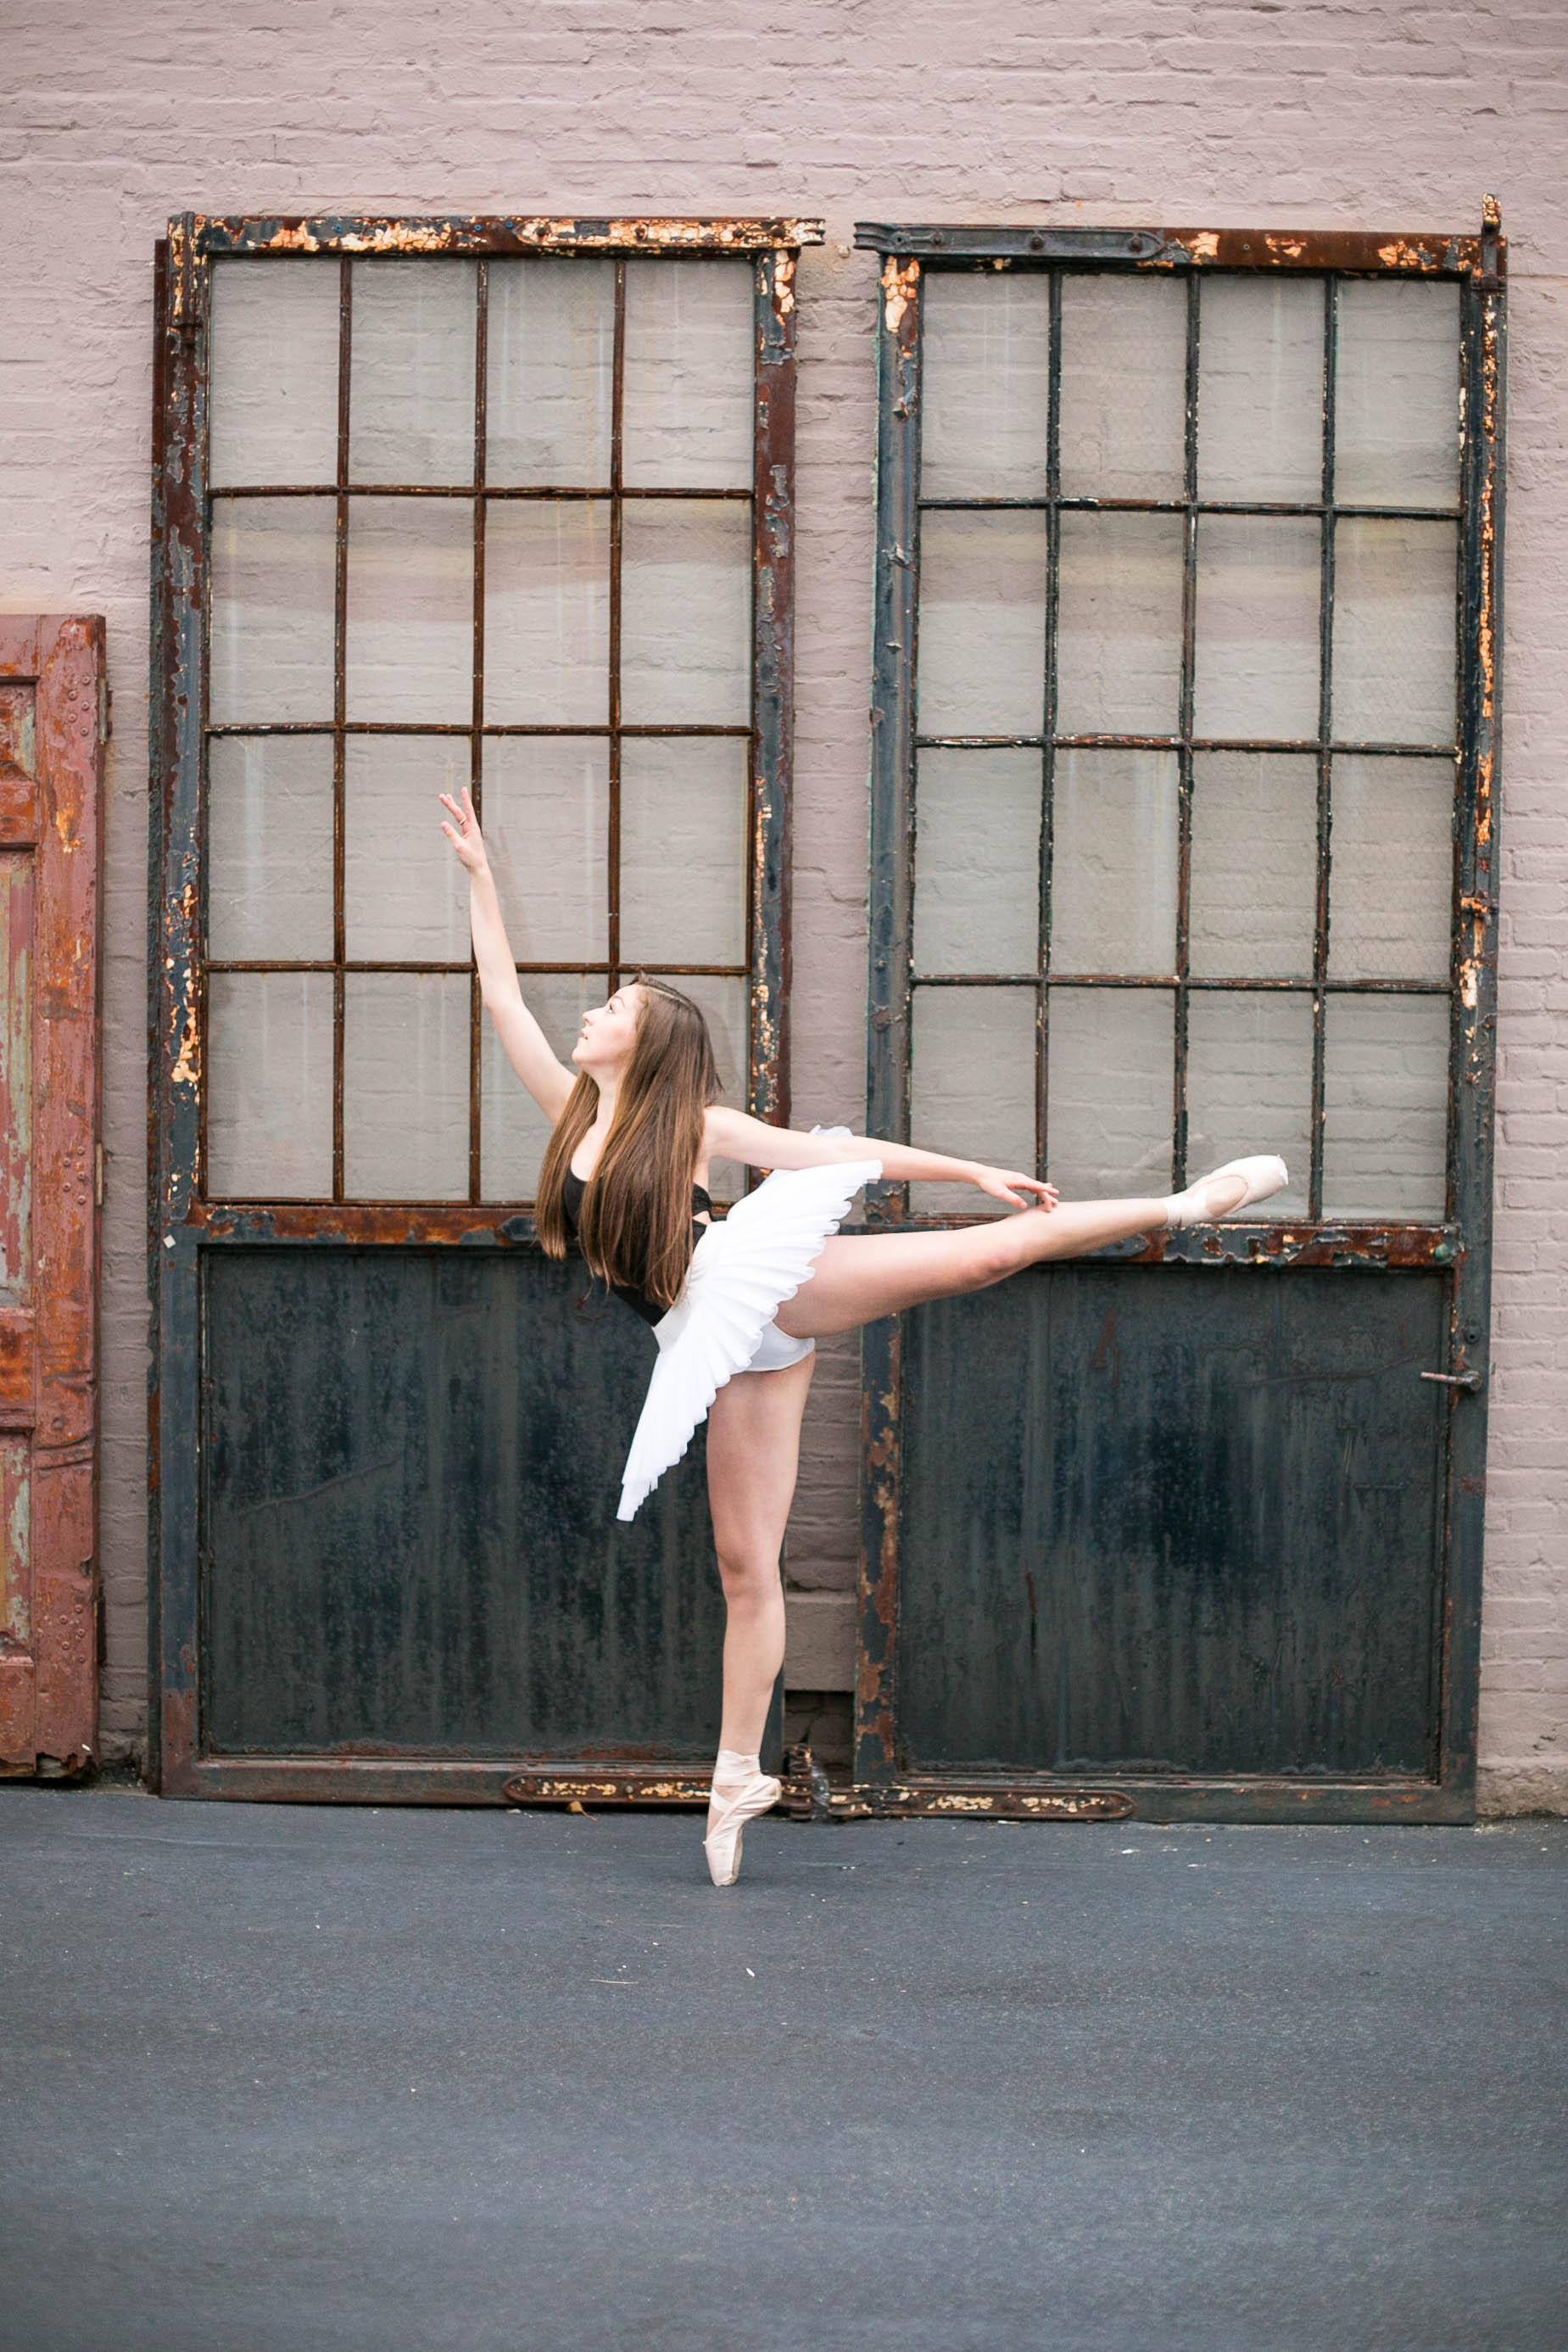 dayton-cincinnati-dance-senior-portrait-photographer-fine-art-33.jpg